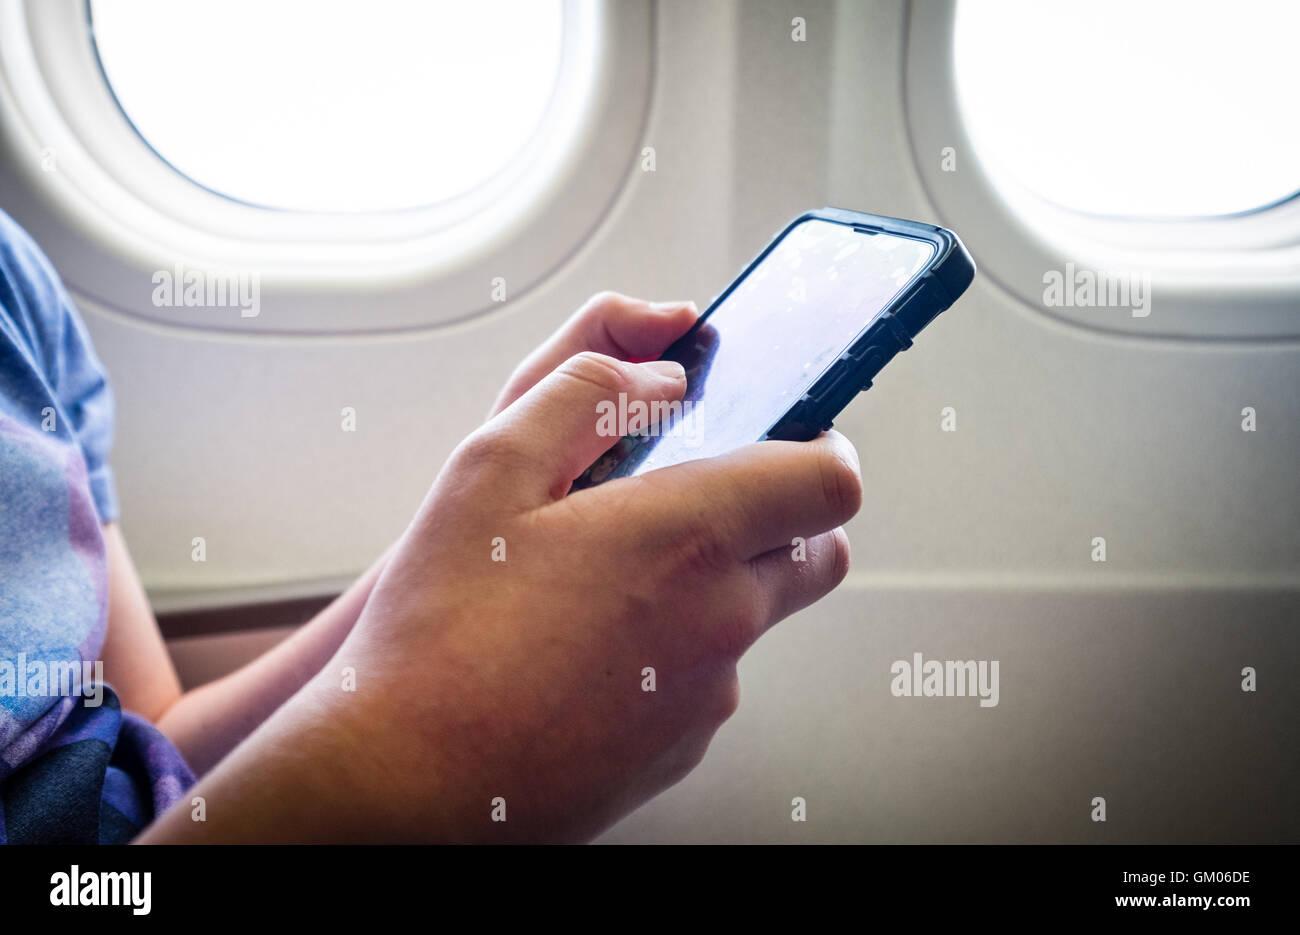 Ein Teenager mit seinem Mobiltelefon während des Fluges auf einer Ebene Stockbild